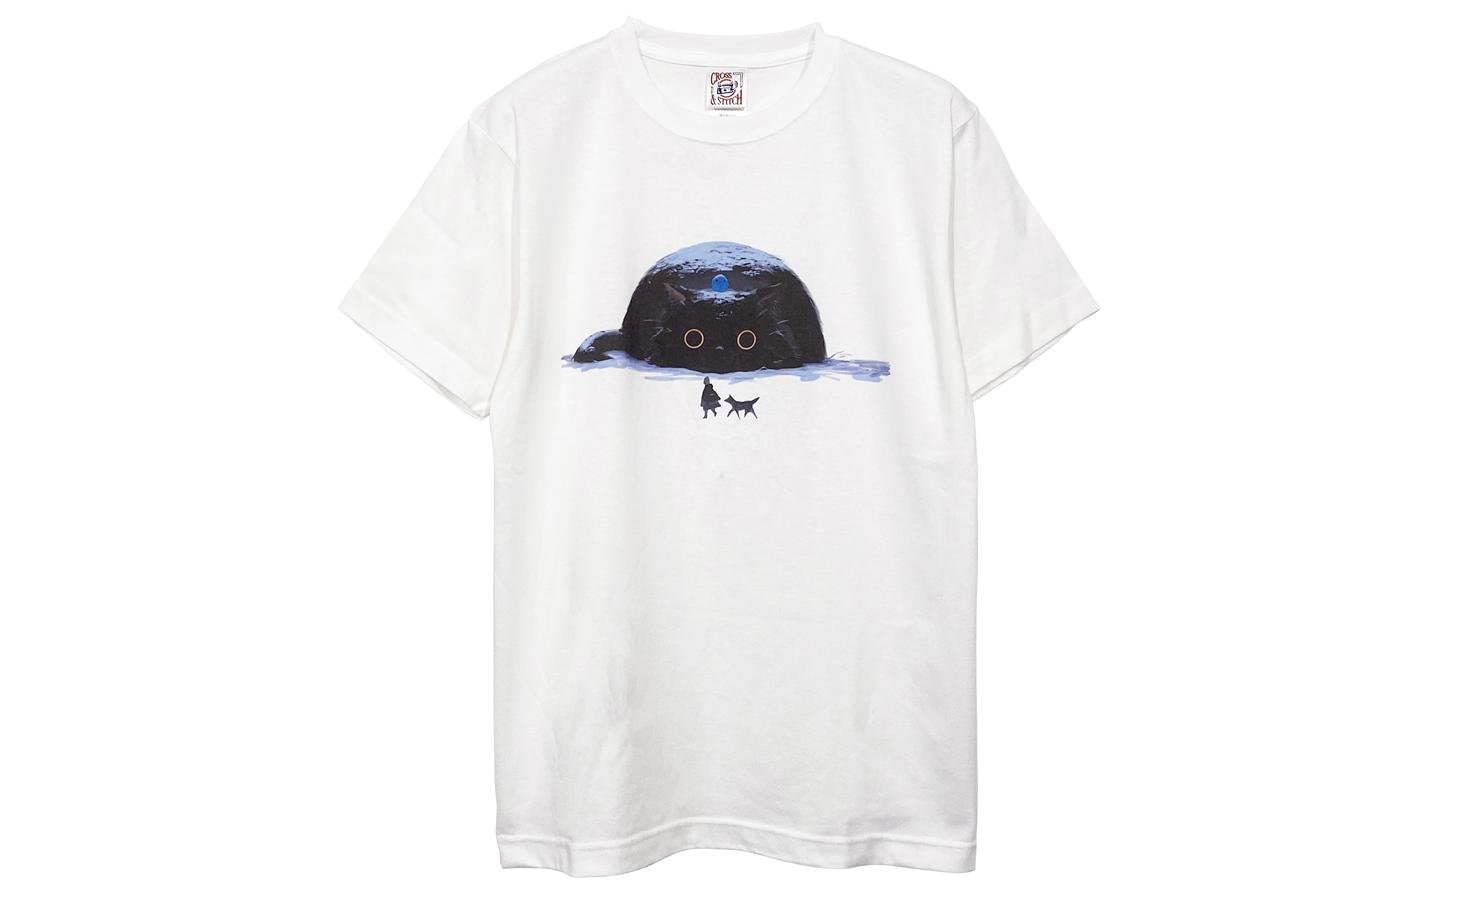 クロネコ Tシャツ (White)